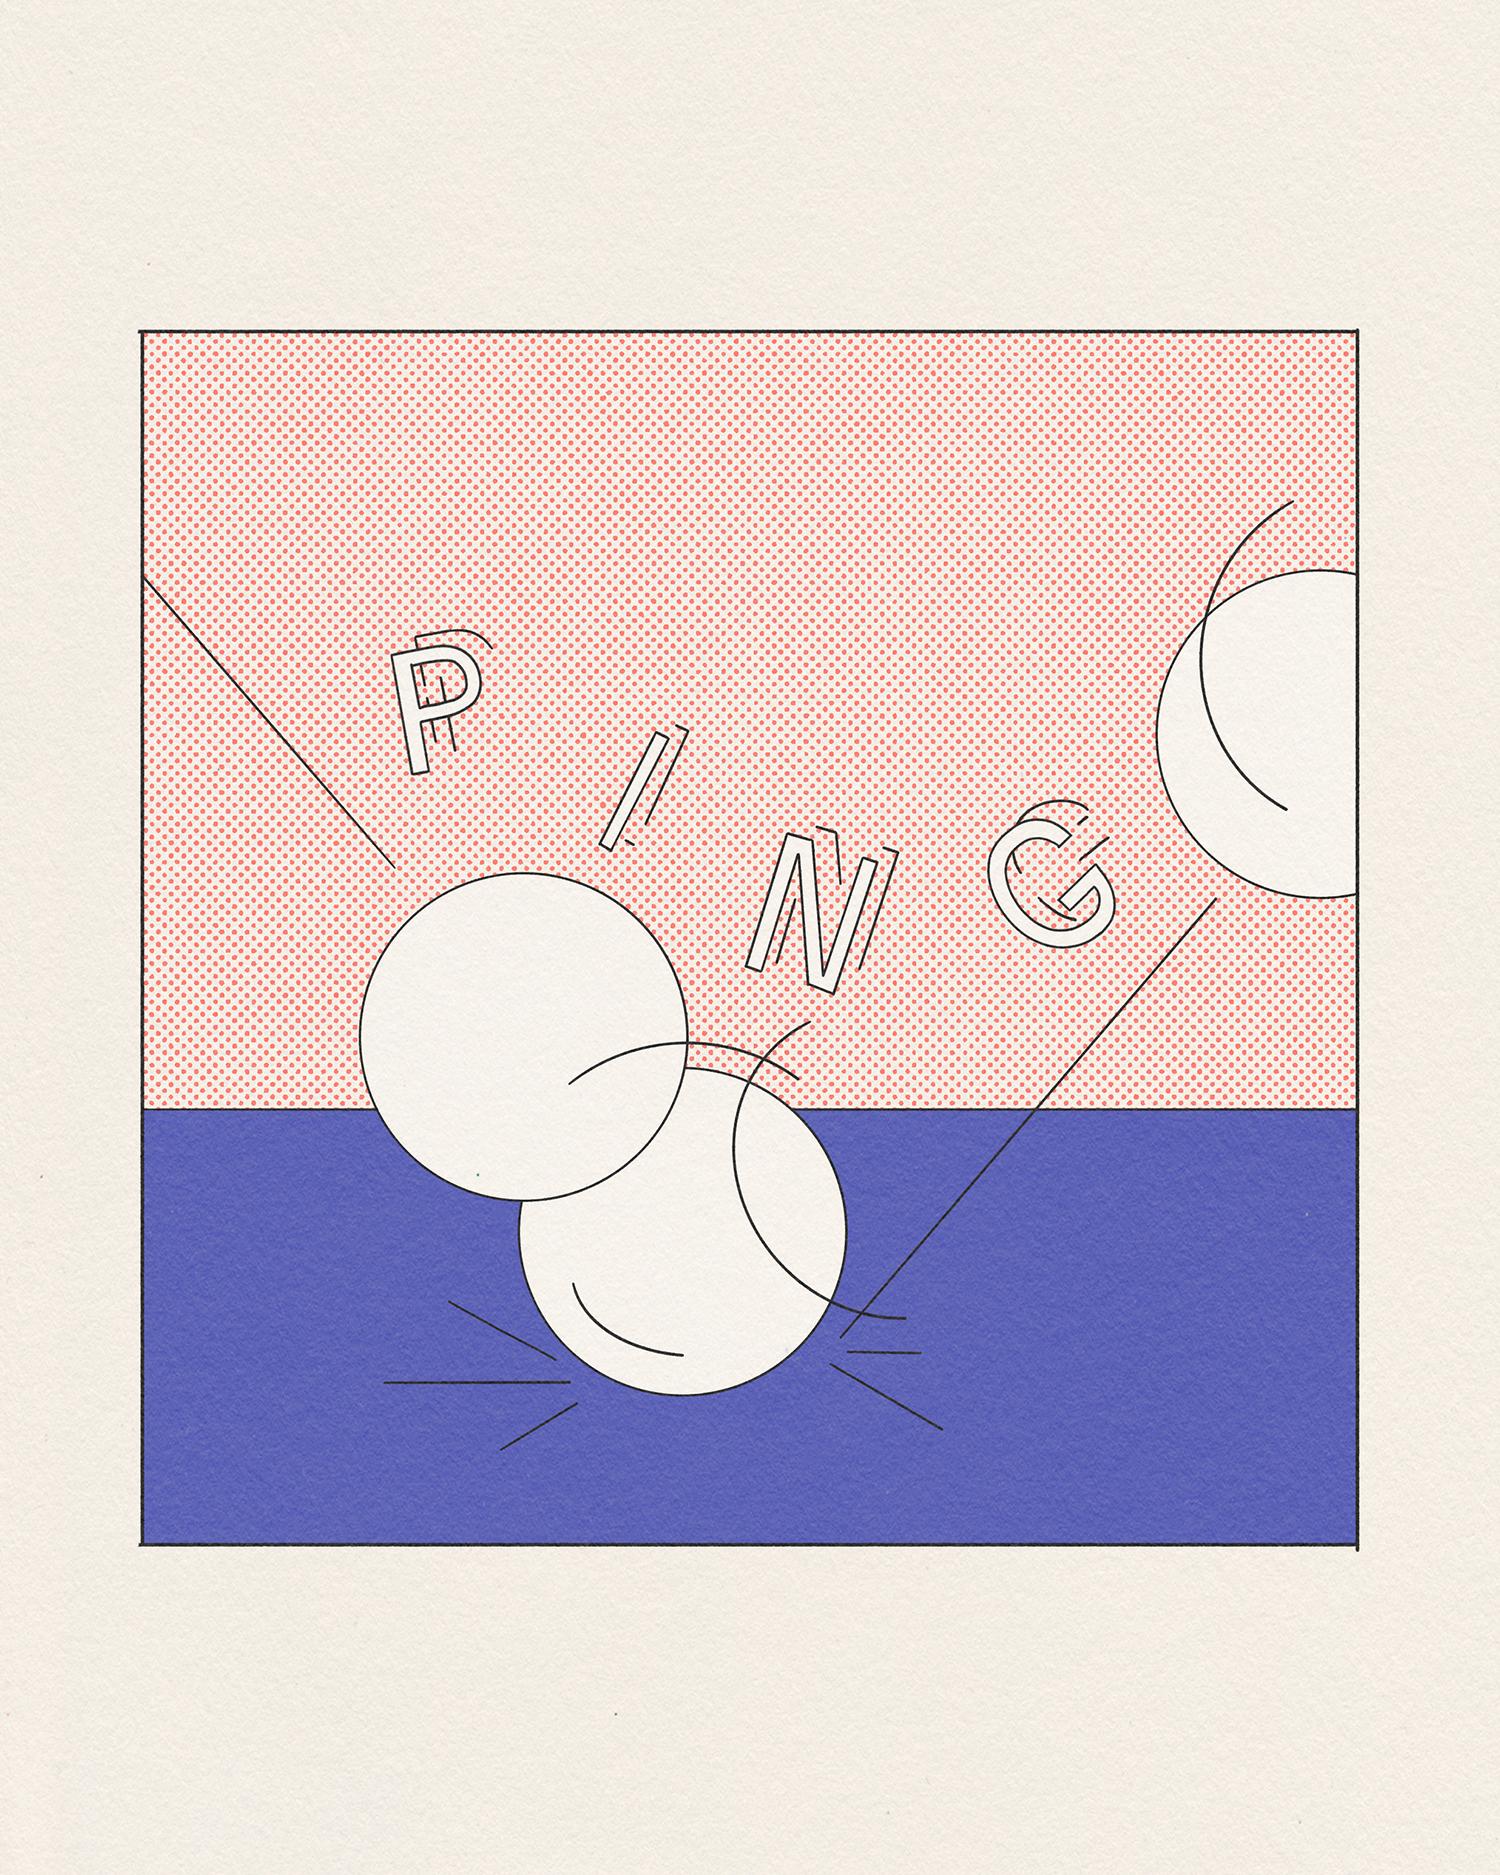 Ping_Pong_1